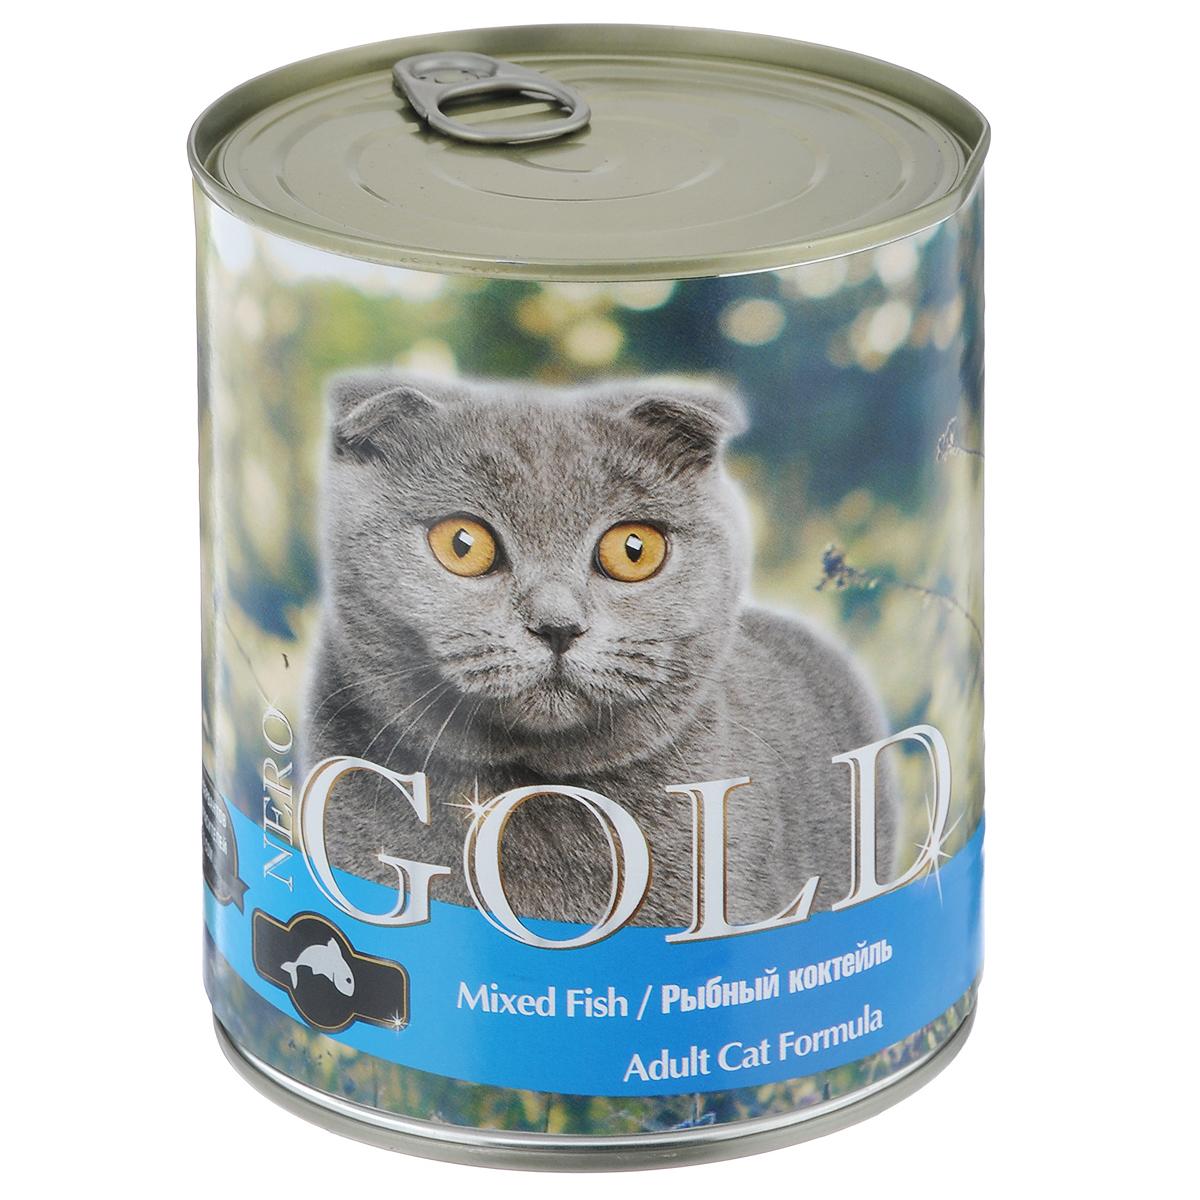 Консервы для кошек Nero Gold, рыбный коктейль, 810 г20255Консервы для кошек Nero Gold - полнорационный продукт, содержащий все необходимые витамины и минералы, сбалансированный для поддержания оптимального здоровья вашего питомца! Состав: мясо и его производные, филе курицы, филе рыбы, злаки, витамины и минералы. Гарантированный анализ: белки 6%, жиры 4,5%, клетчатка 0,5%, зола 2%, влага 81%. Пищевые добавки на 1 кг продукта: витамин А 1600 МЕ, витамин D 140 МЕ, витамин Е 10 МЕ, таурин 300 мг, железо 24 мг, марганец 6 мг, цинк 15 мг, медь 1 мг, магний 200 мг, йод 0,3 мг, селен 0,2 мг. Вес: 810 г. Товар сертифицирован.